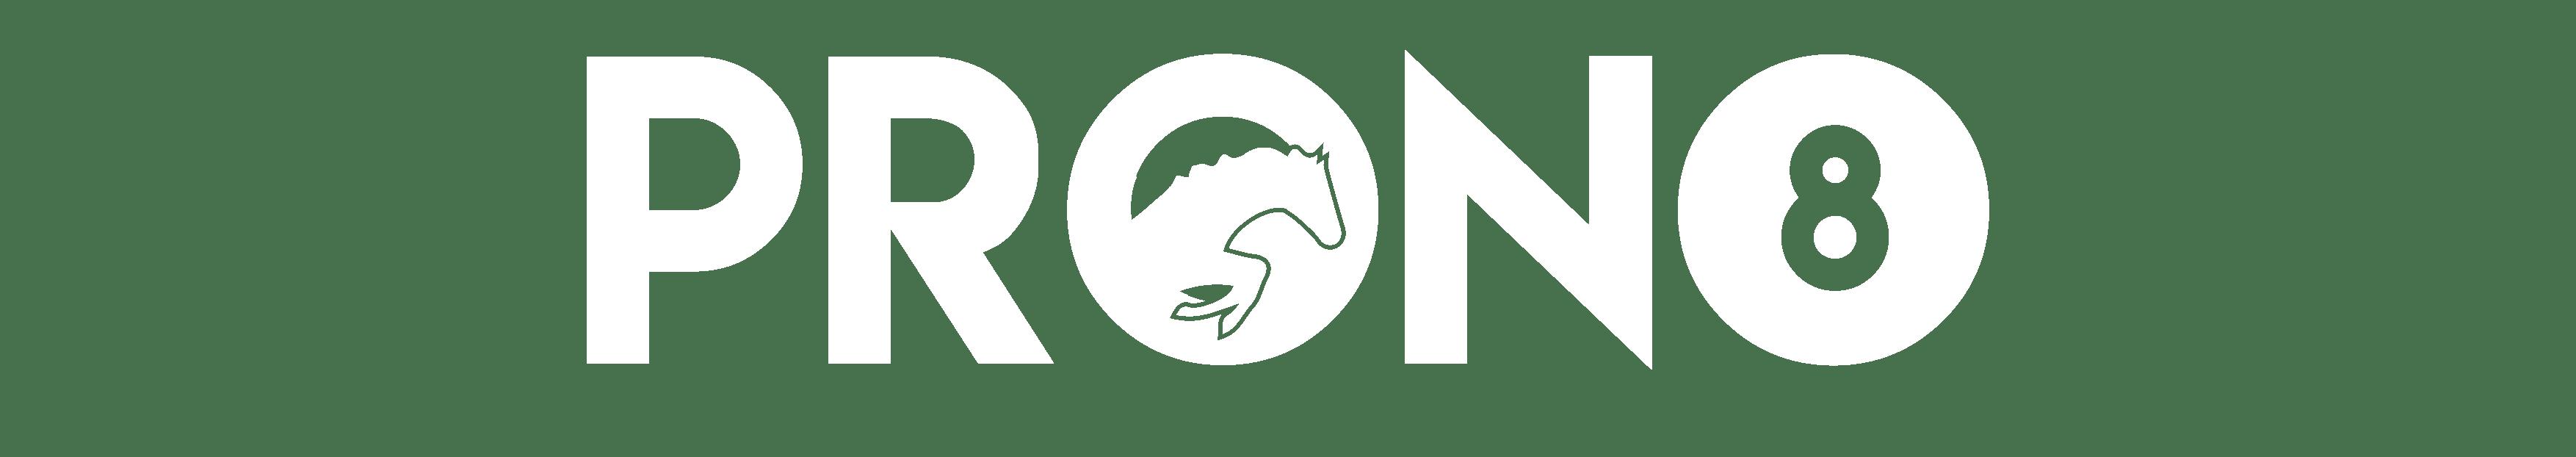 prono8